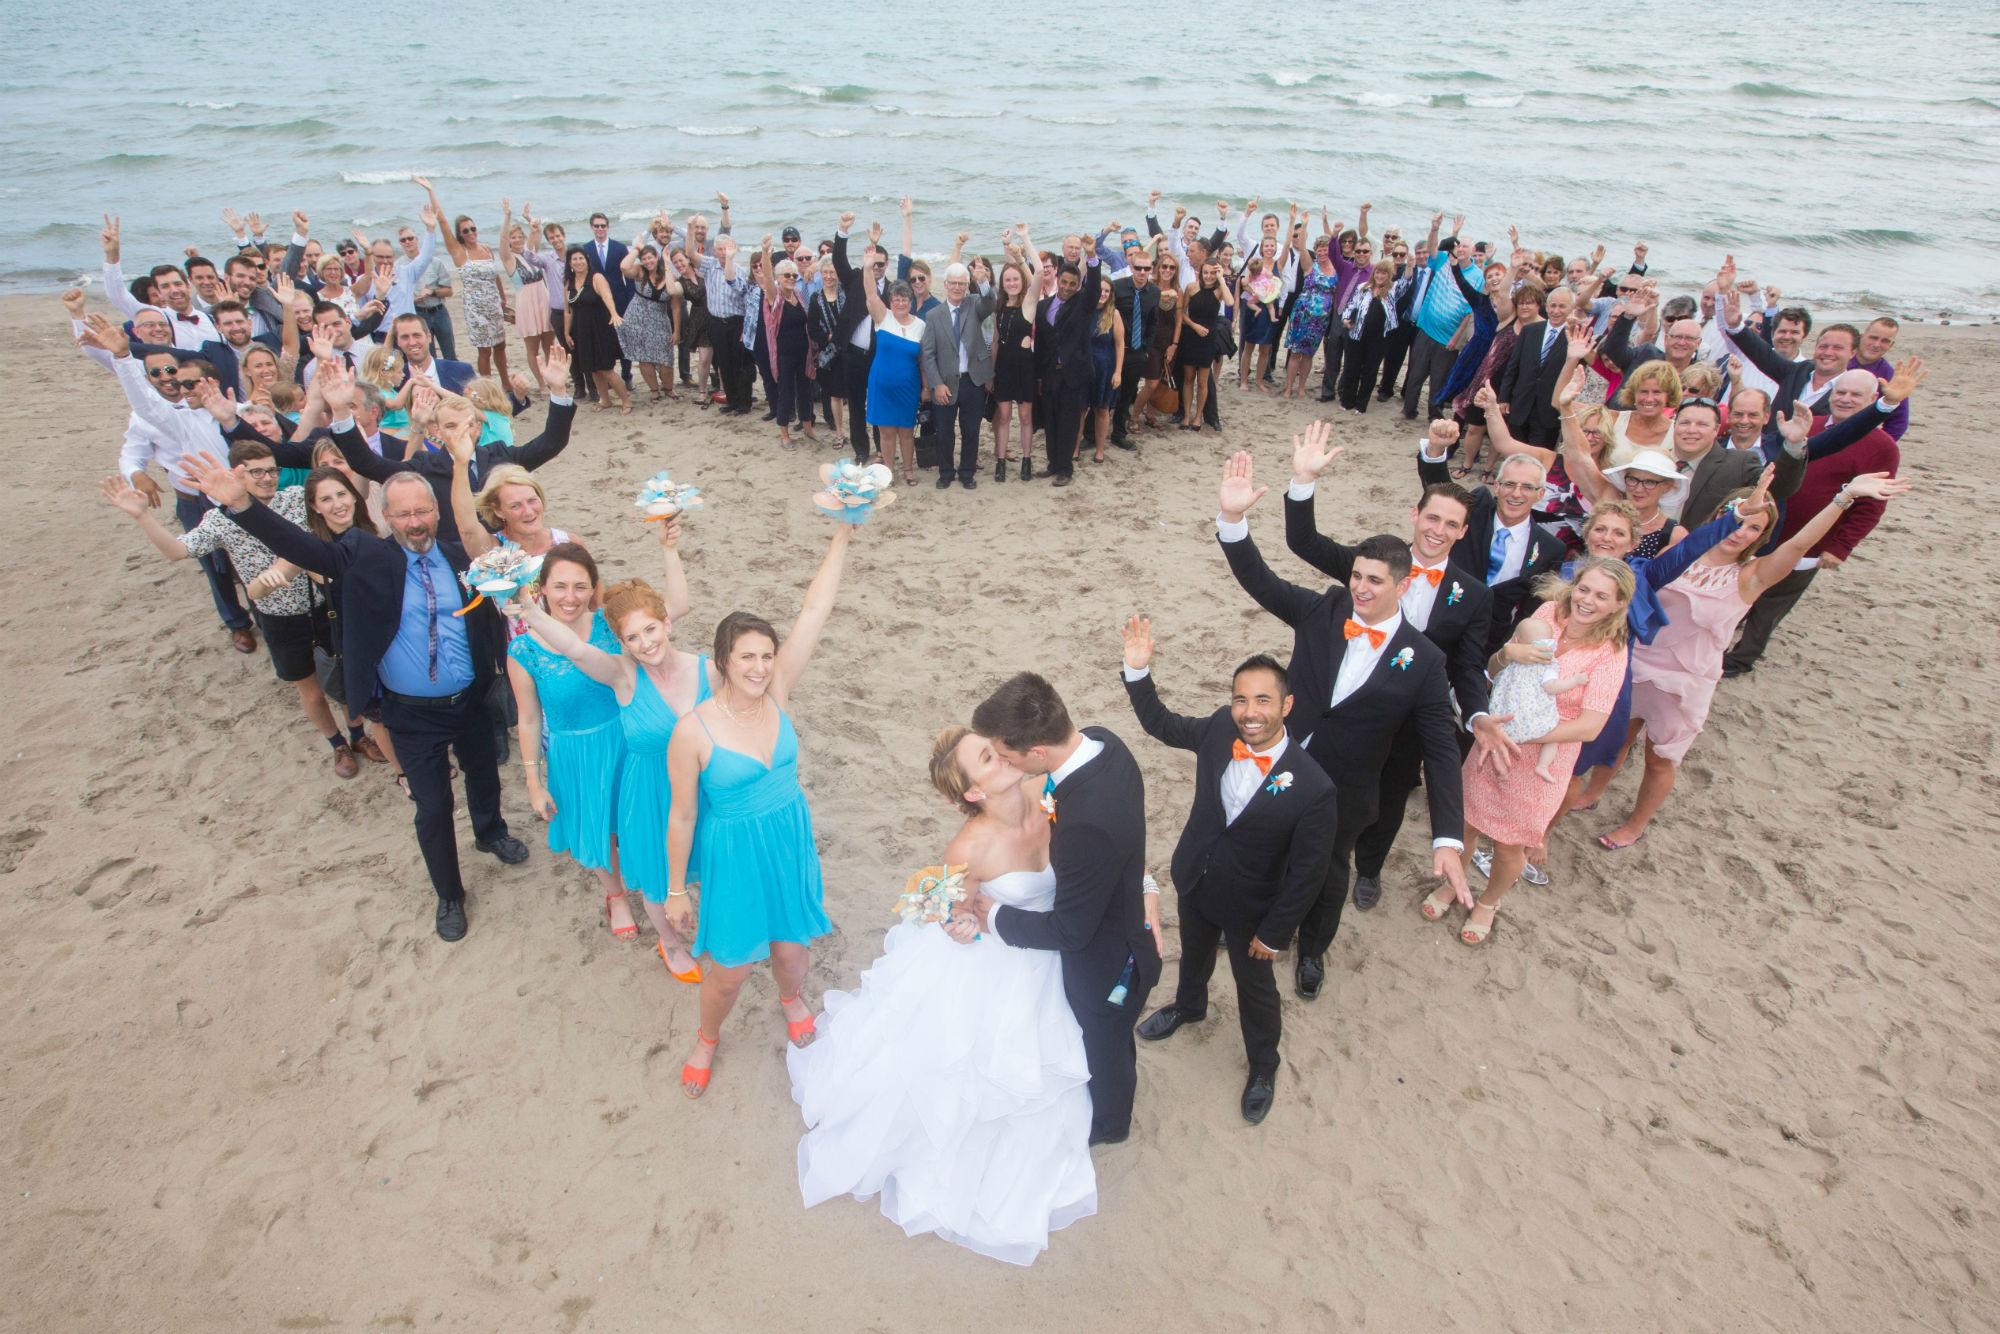 Wedding Heart On The Beach